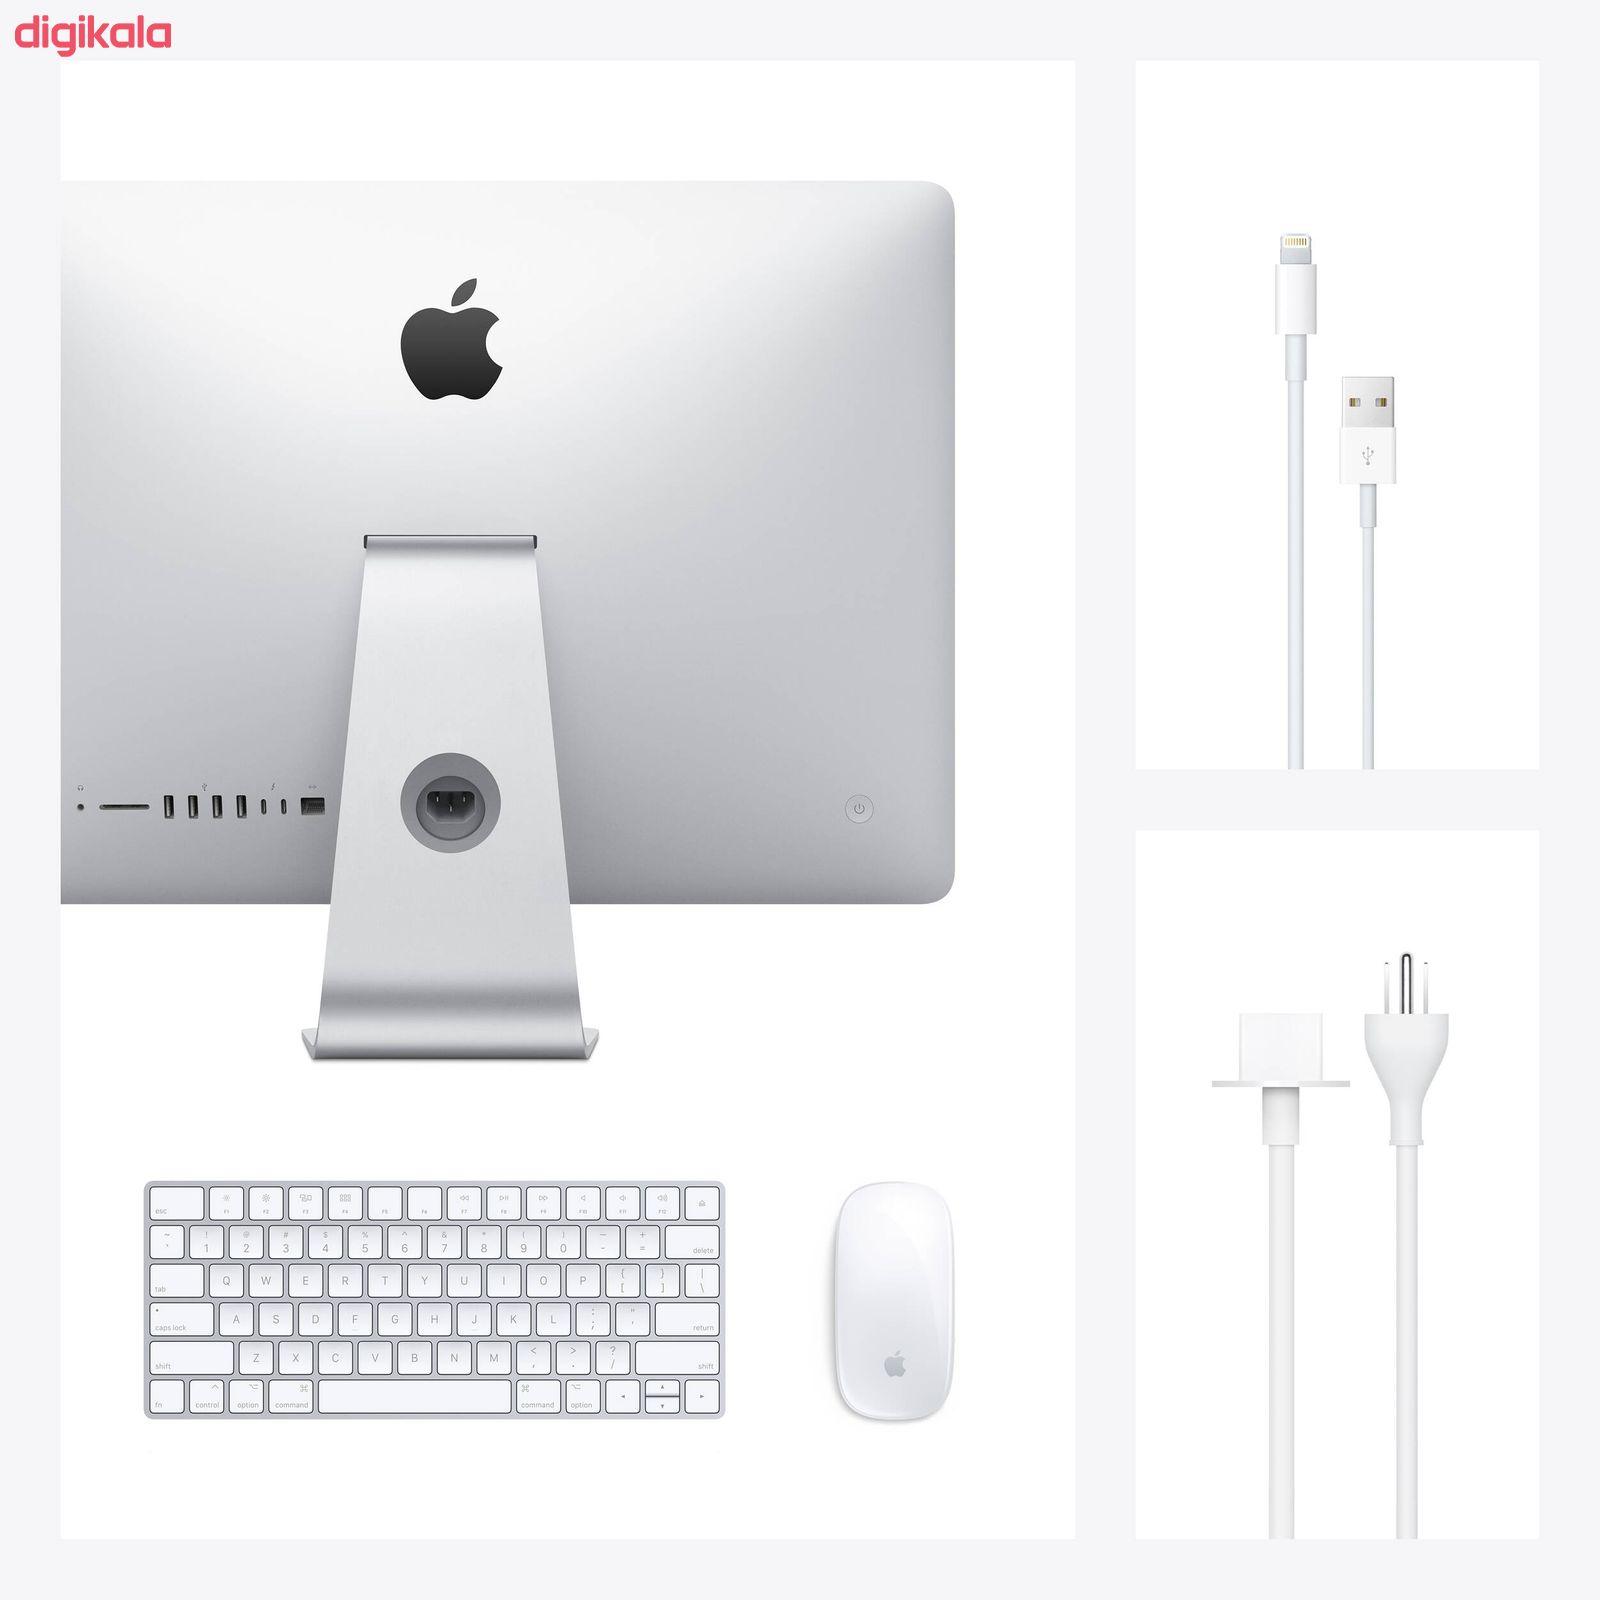 کامپیوتر همه کاره 21.5 اینچی اپل مدل iMac MHK03 2020 main 1 4